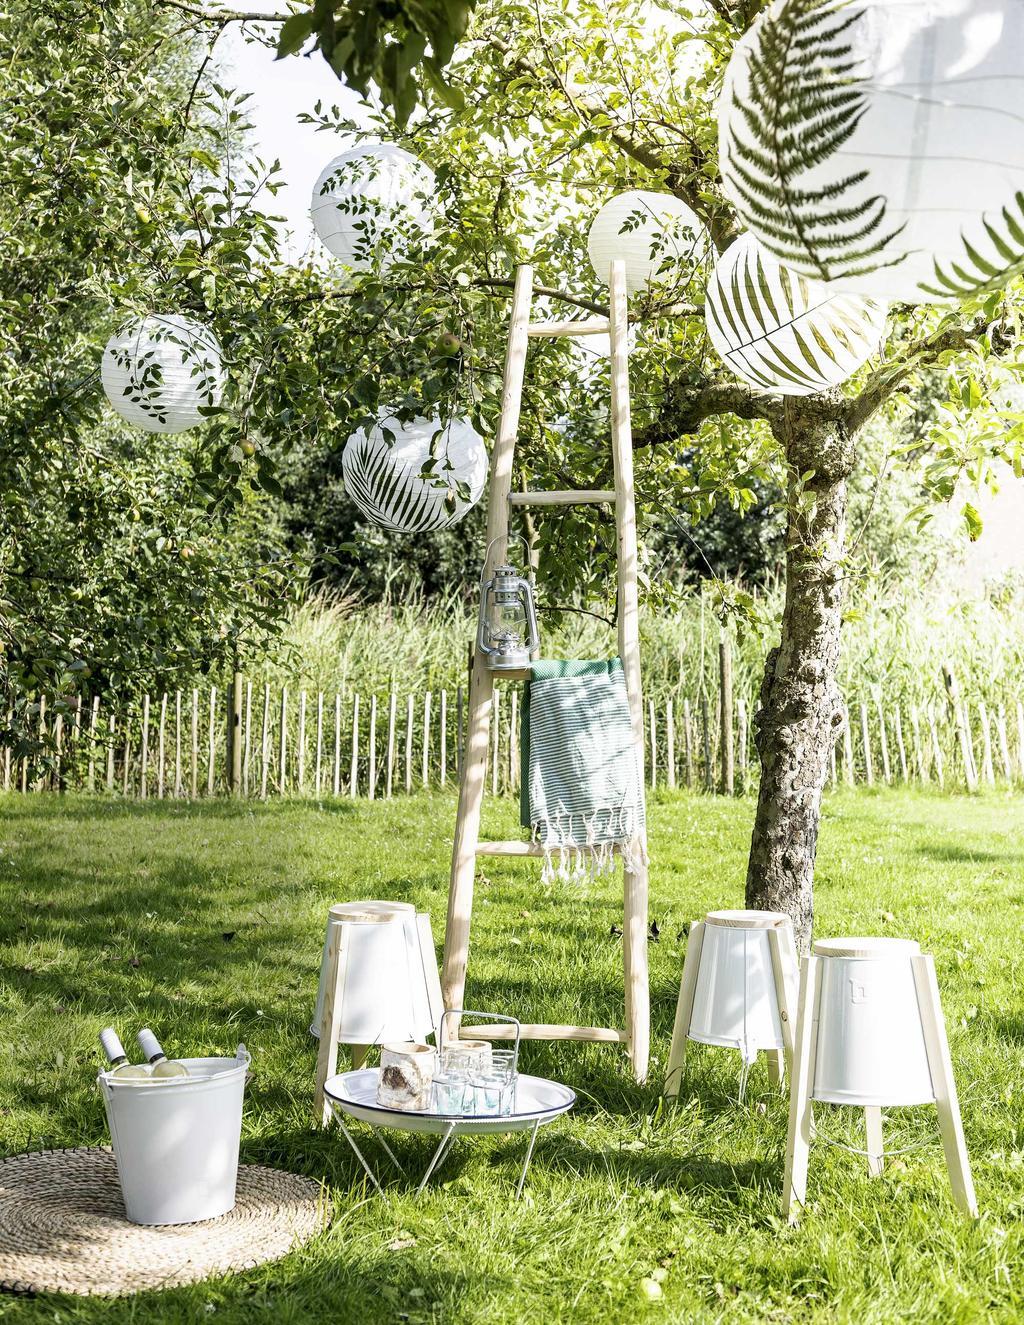 Tuinfeest met lampionnen en picknick op het gras